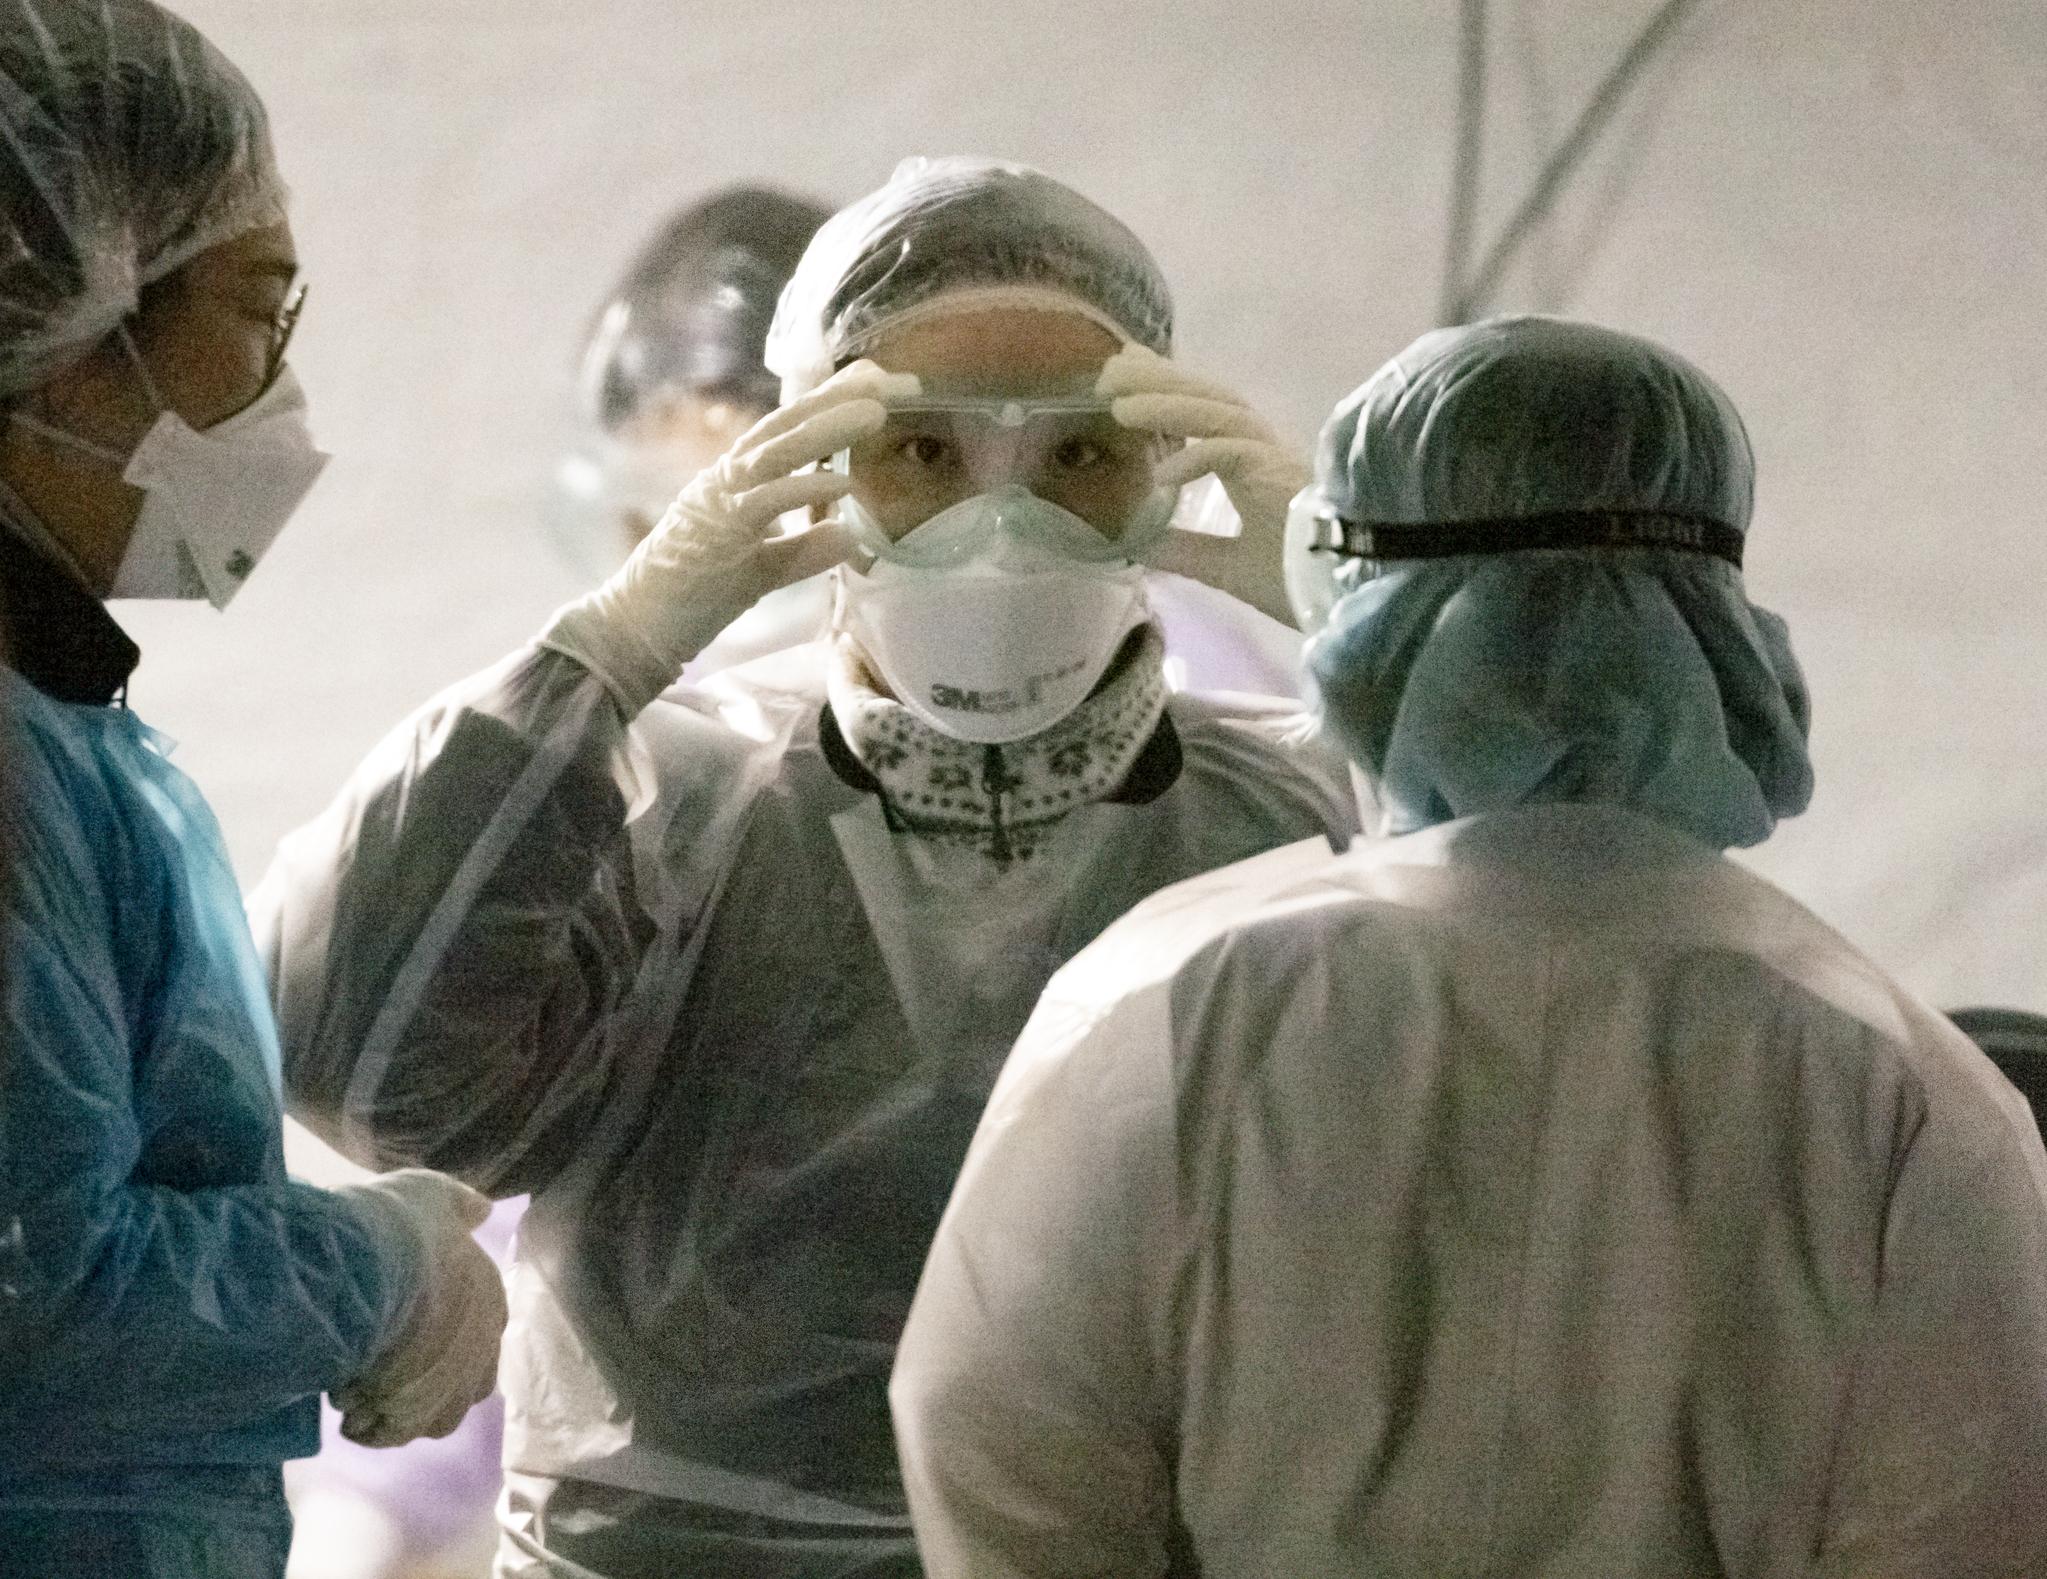 4일 오후 서울 중랑구 서울의료원에 설치된 선별진료소에서 의료진이 근무 교대를 하고 있다. 연합뉴스